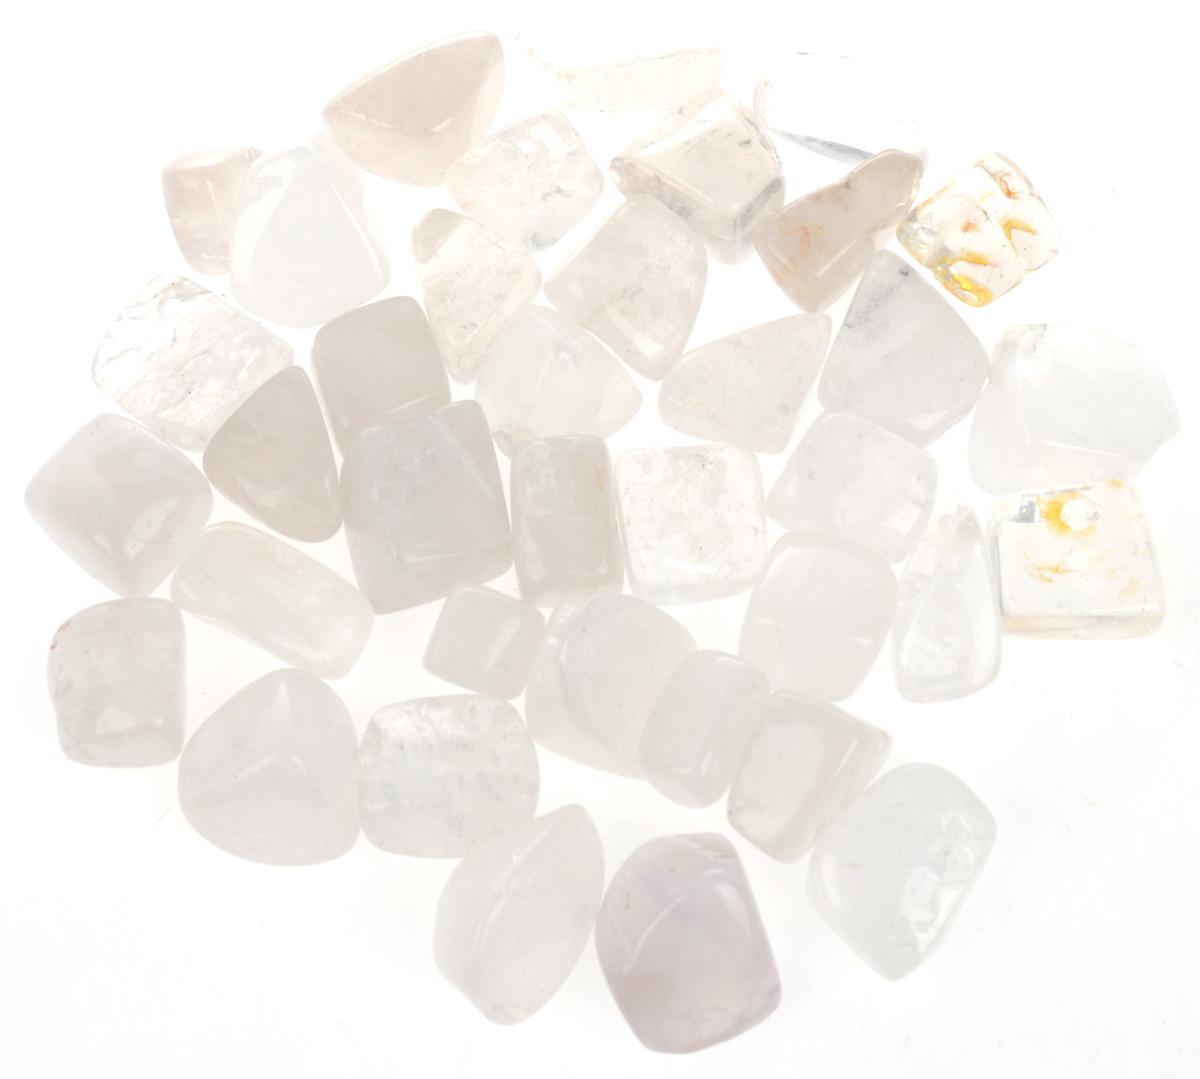 Кристаллы Lo Scarabeo Горный хрусталь, 500 гр. CR08CR08Камни в виде кристаллов могут использоваться в астрологических гаданиях, а также как амулет или талисман. В зависимости от свойств камня можно выбирать и принцип его применения. Обращаем ваше внимание, что упаковка может содержать различное количество кристаллов (20-35 штук).